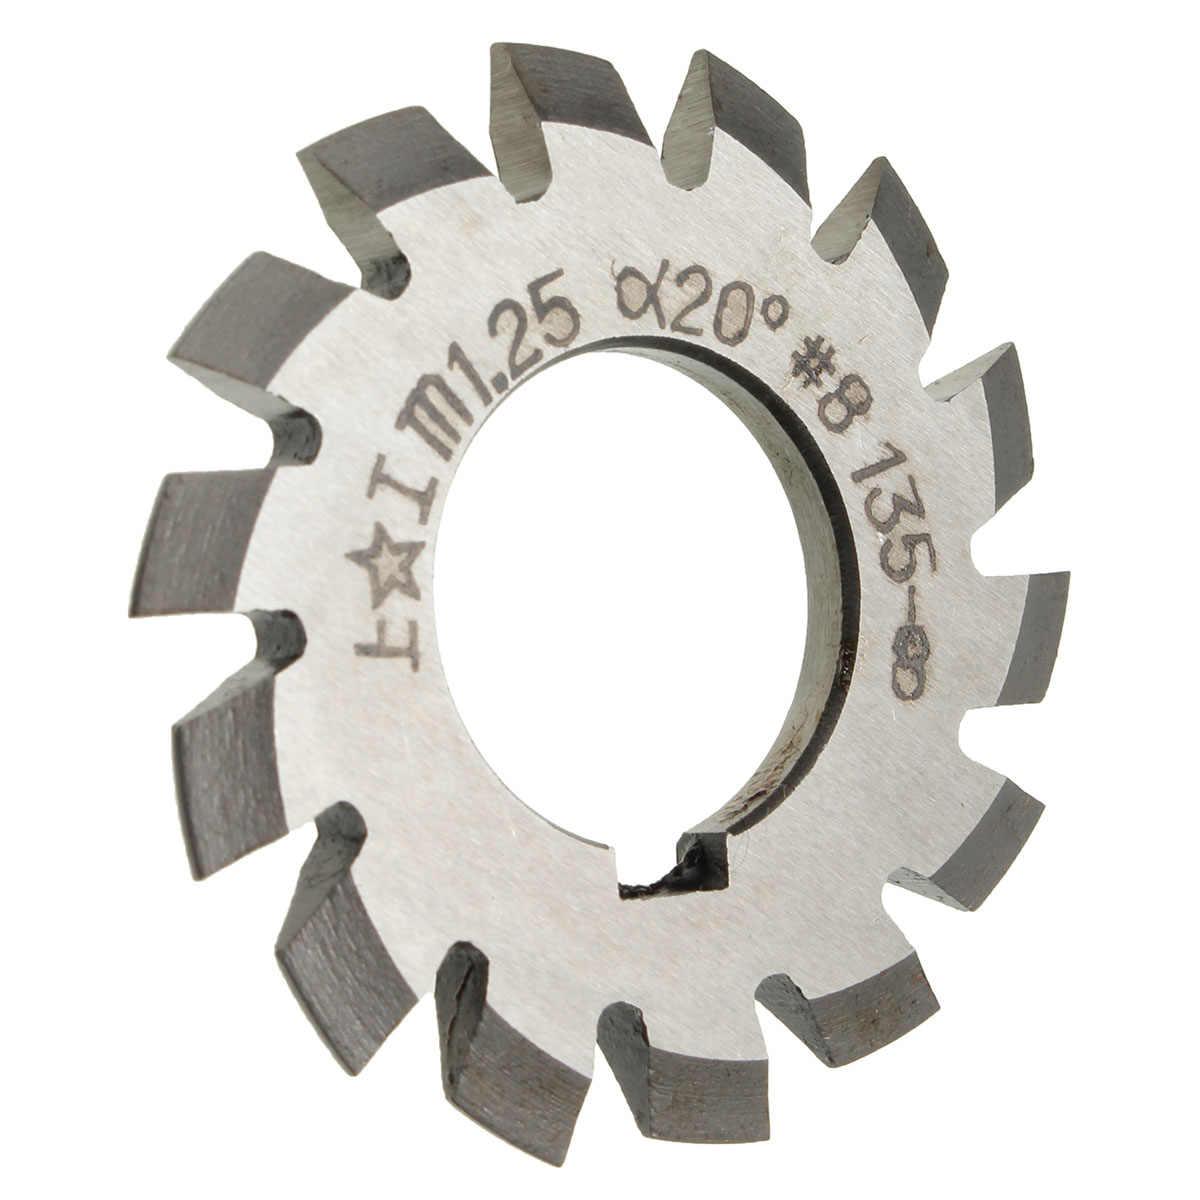 HSS Gear Hob Cutter Module1.25 Bore 22mm Pressure Angle 20 Degree M1.25 Gear Hob